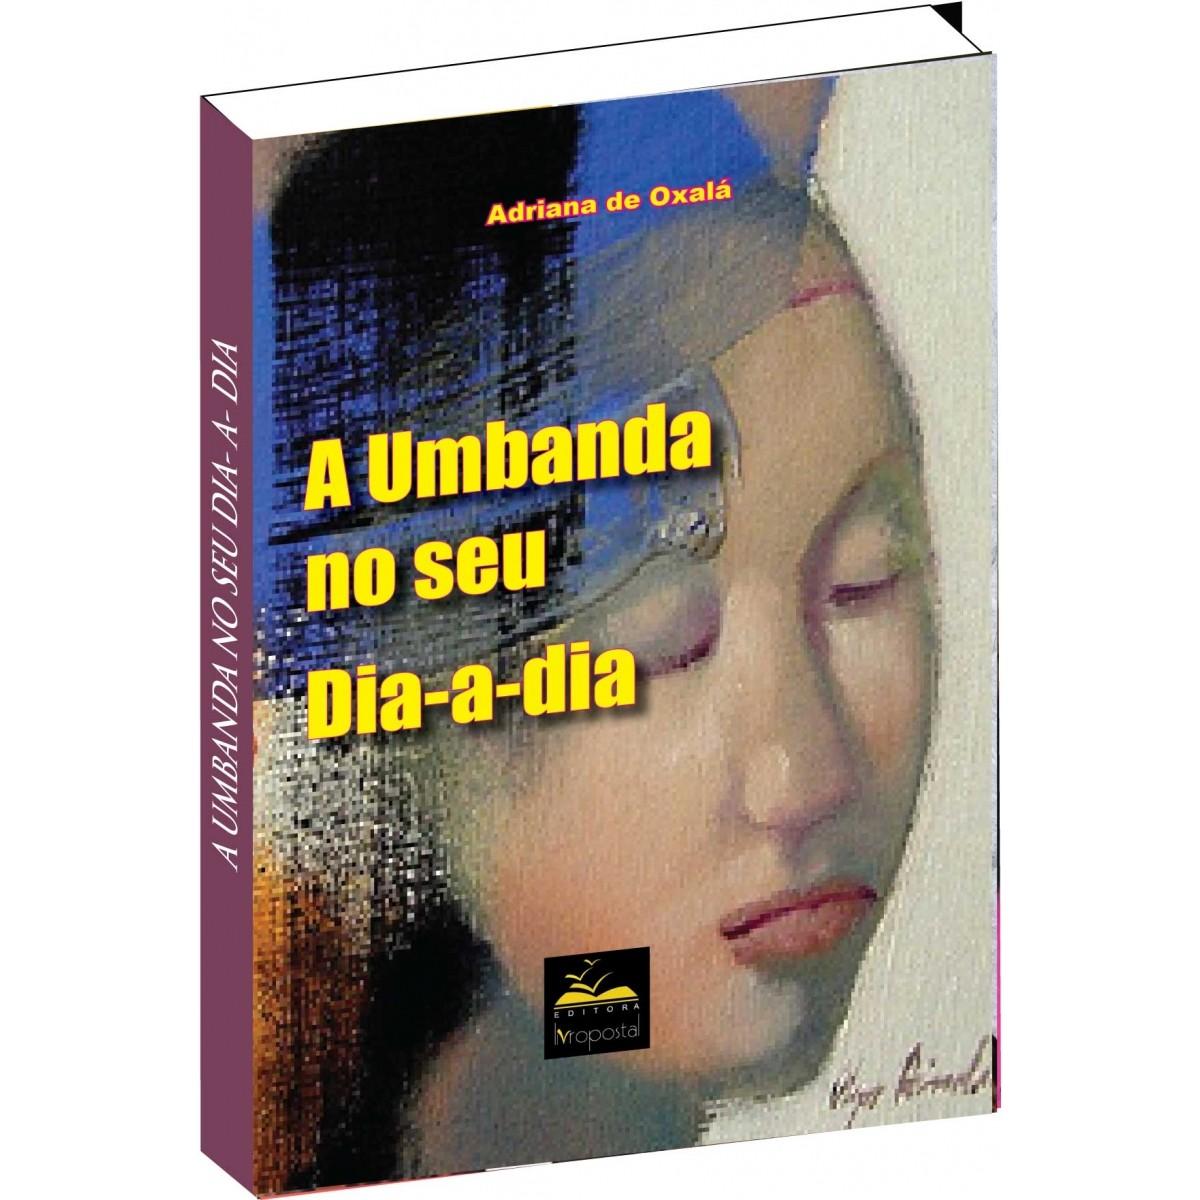 Ebook do Livro - A Umbanda no seu dia-a-dia  - Livropostal Editora